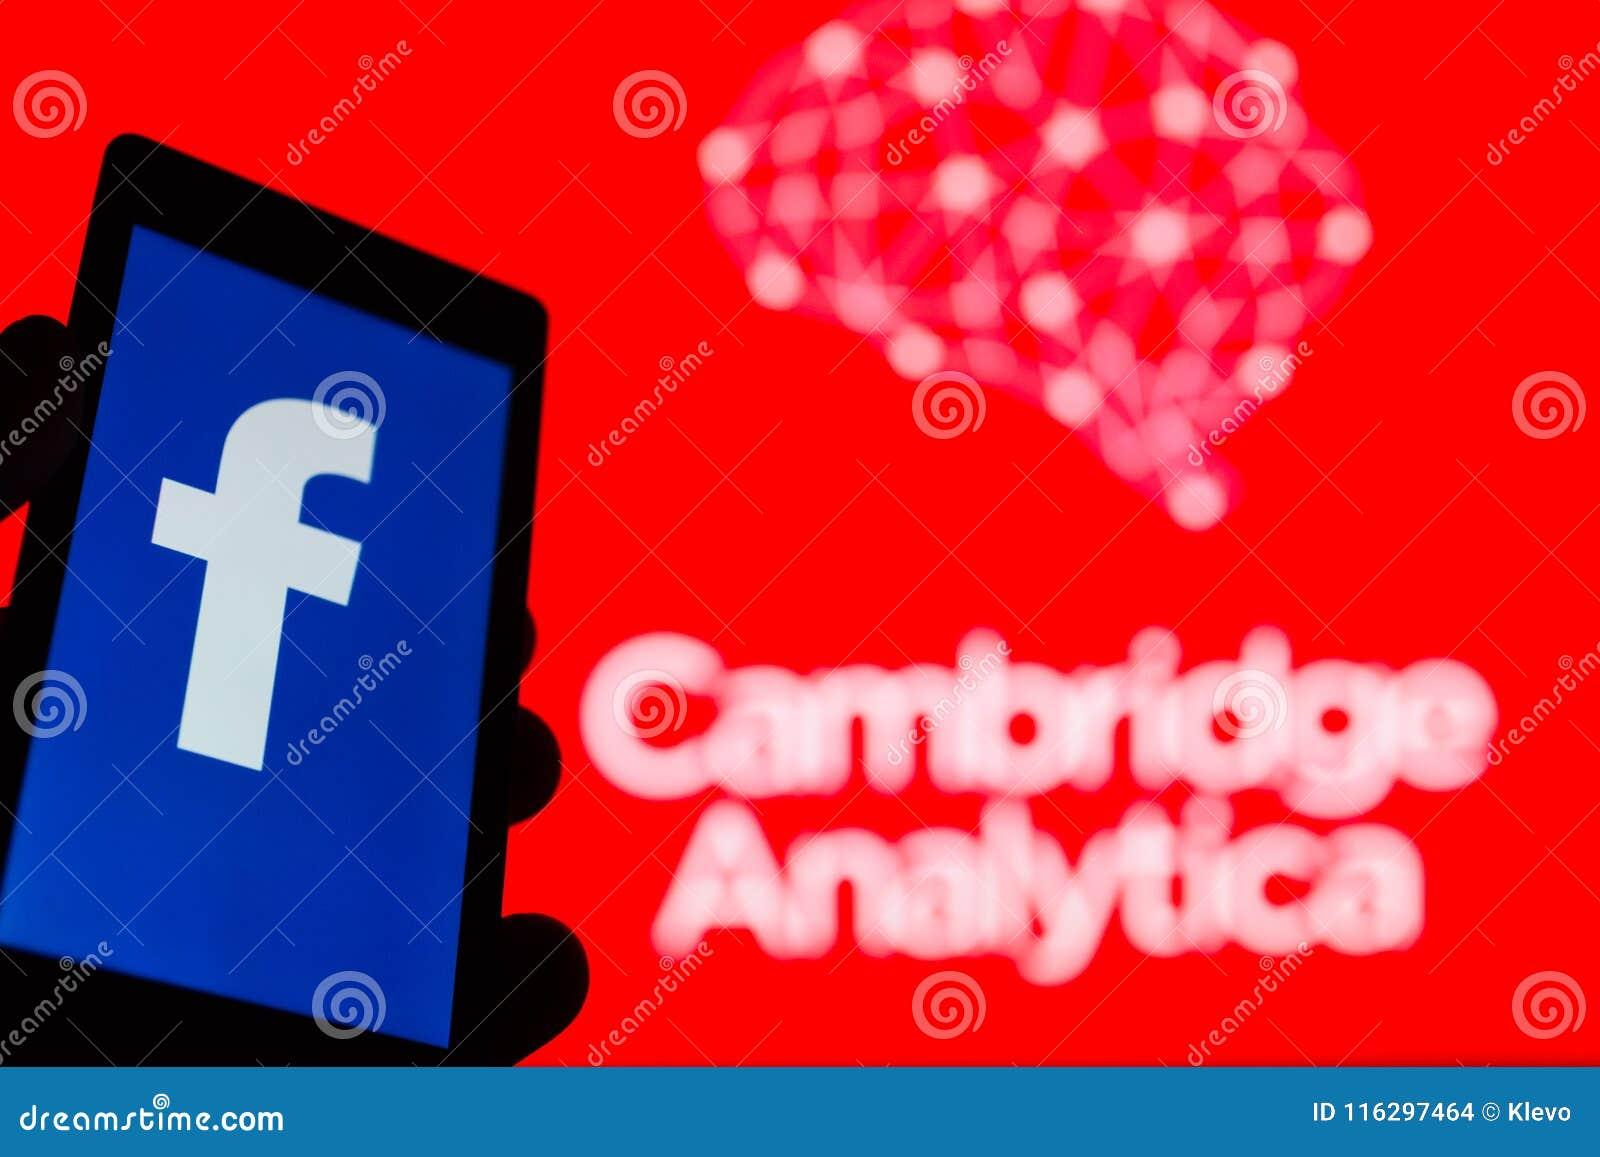 MOSKVA RYSSLAND - MAJ 9, 2018: Smartphone i hand med logo av det populära sociala nätverket Facebook Cambridge Analytica emblem